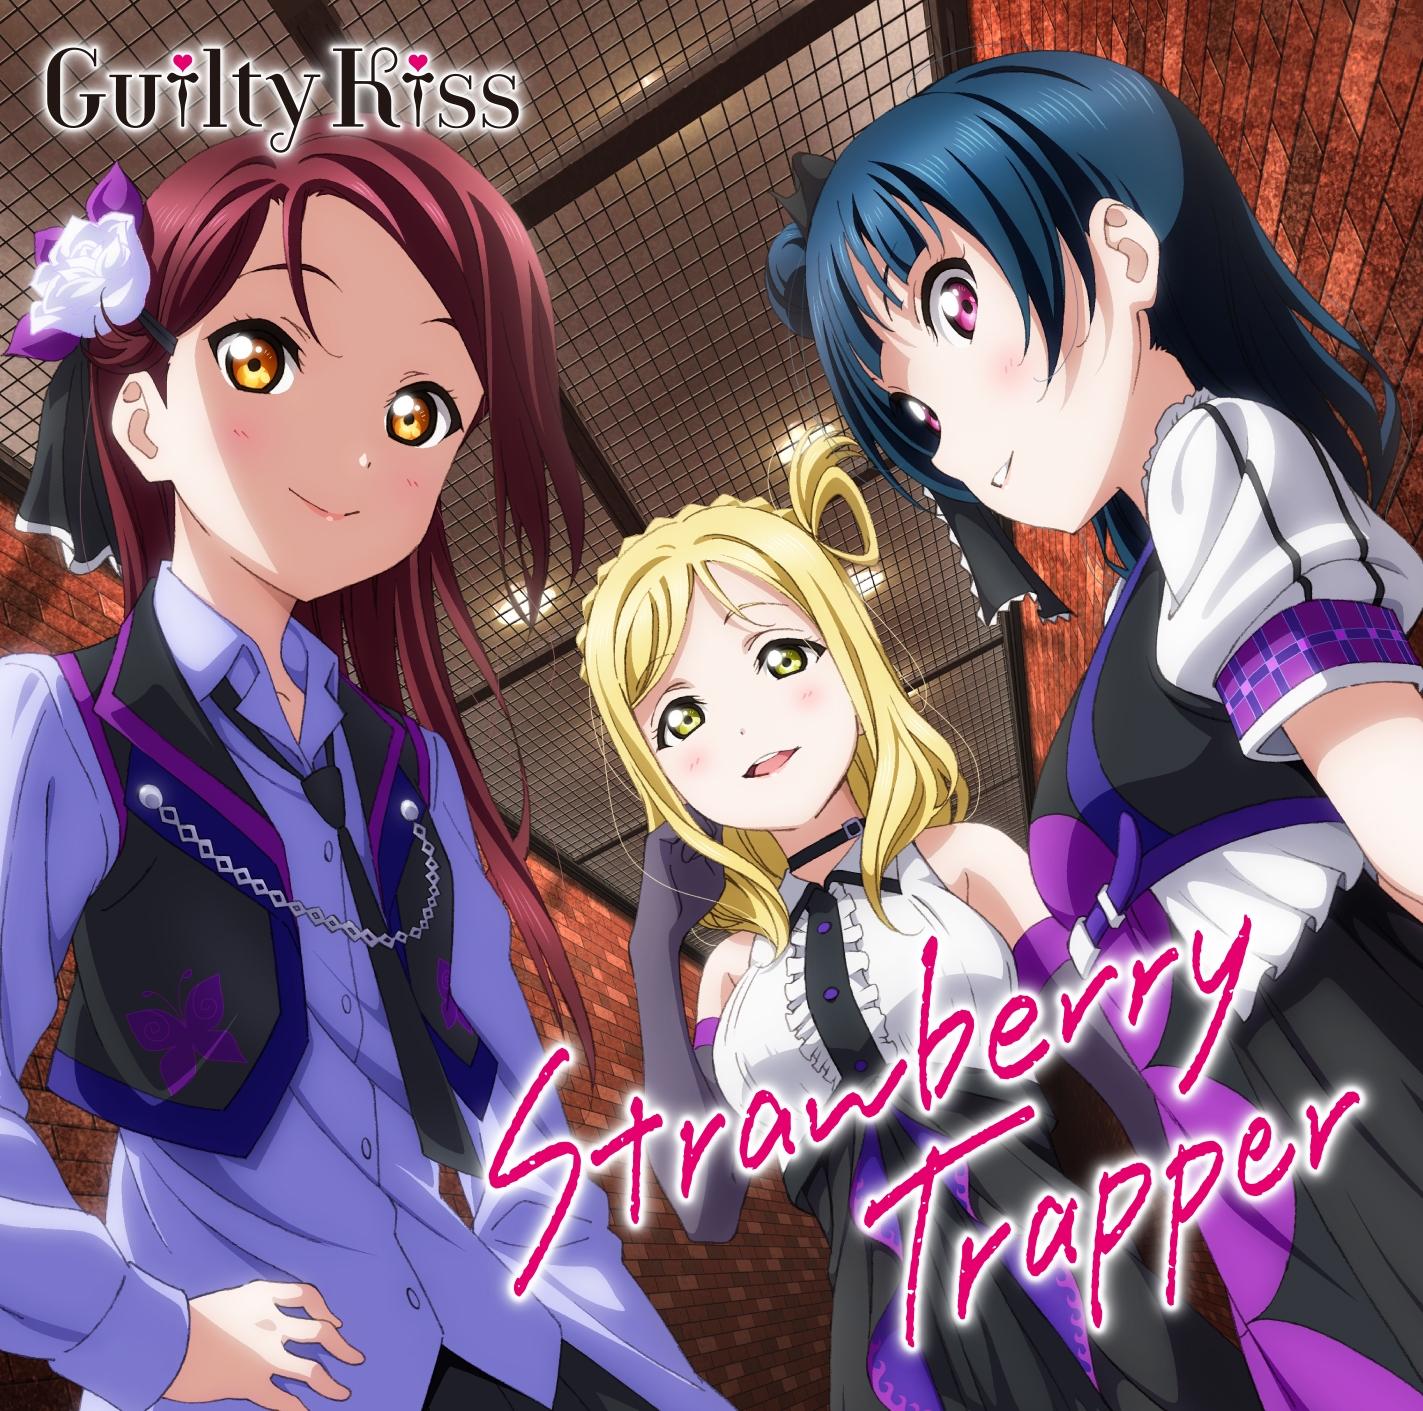 ファイル:Strawberry Trapper.jpg